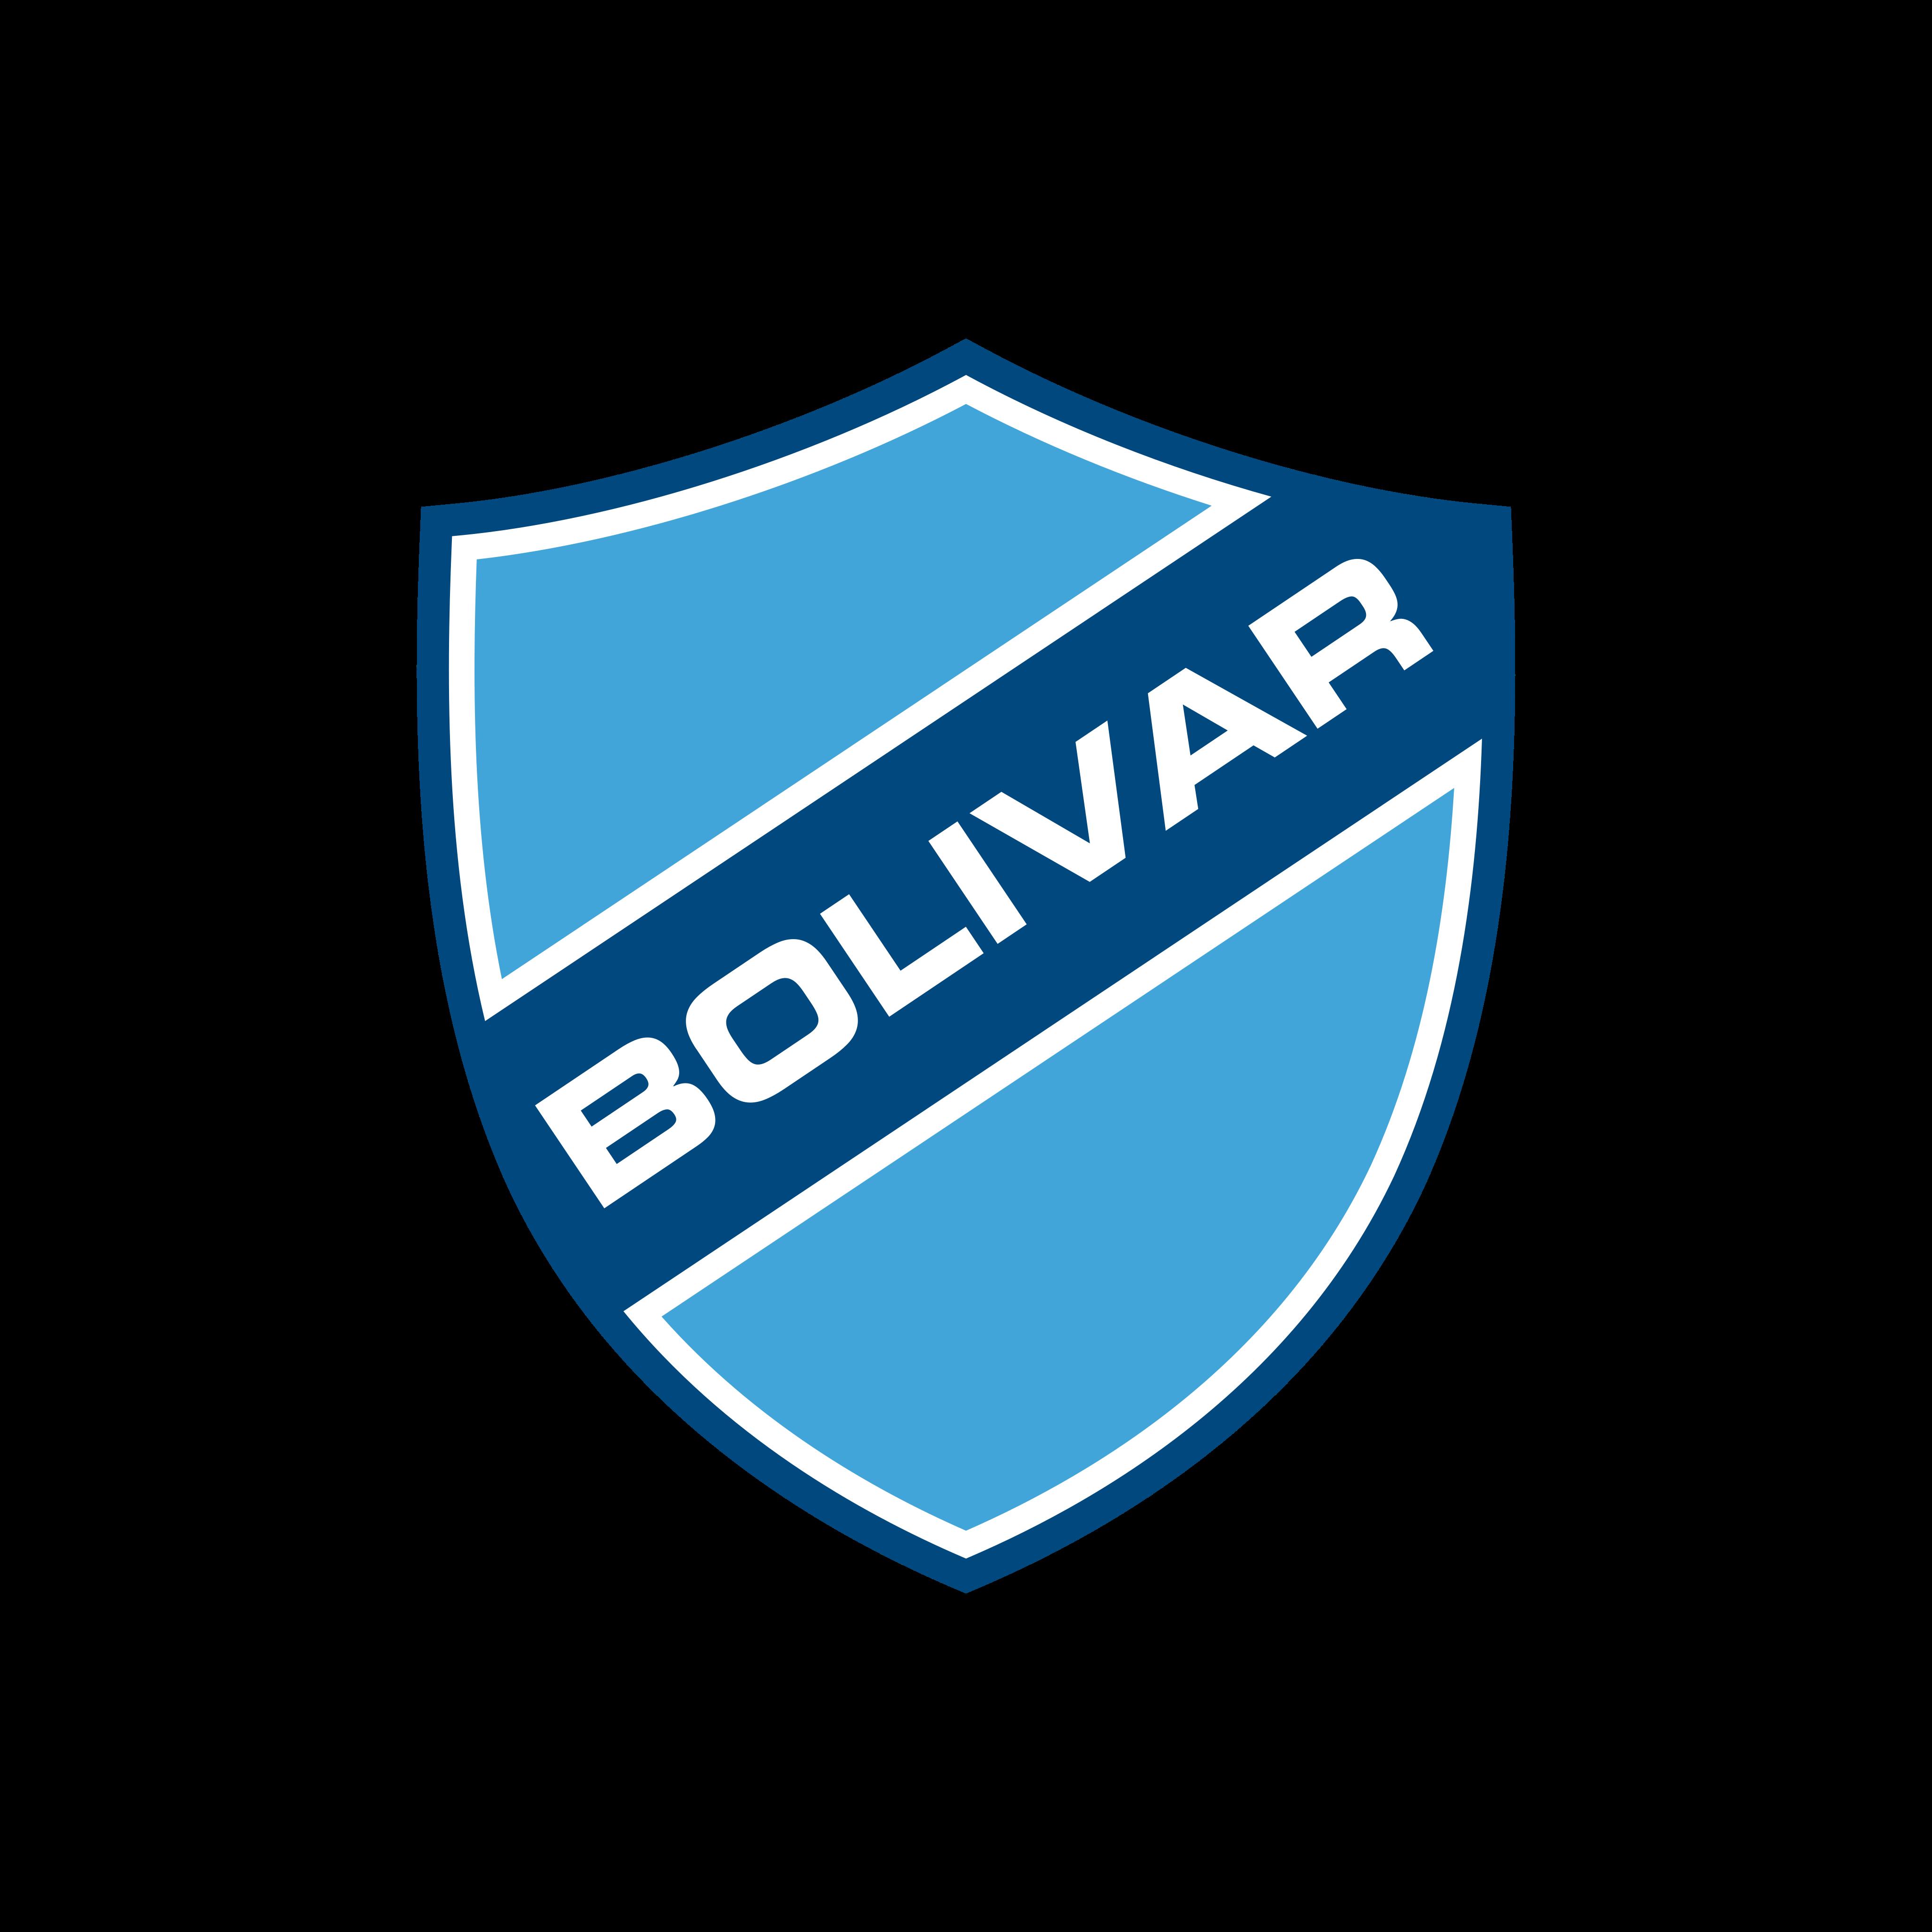 bolivar logo escudo 0 - Club Bolívar Logo - Escudo